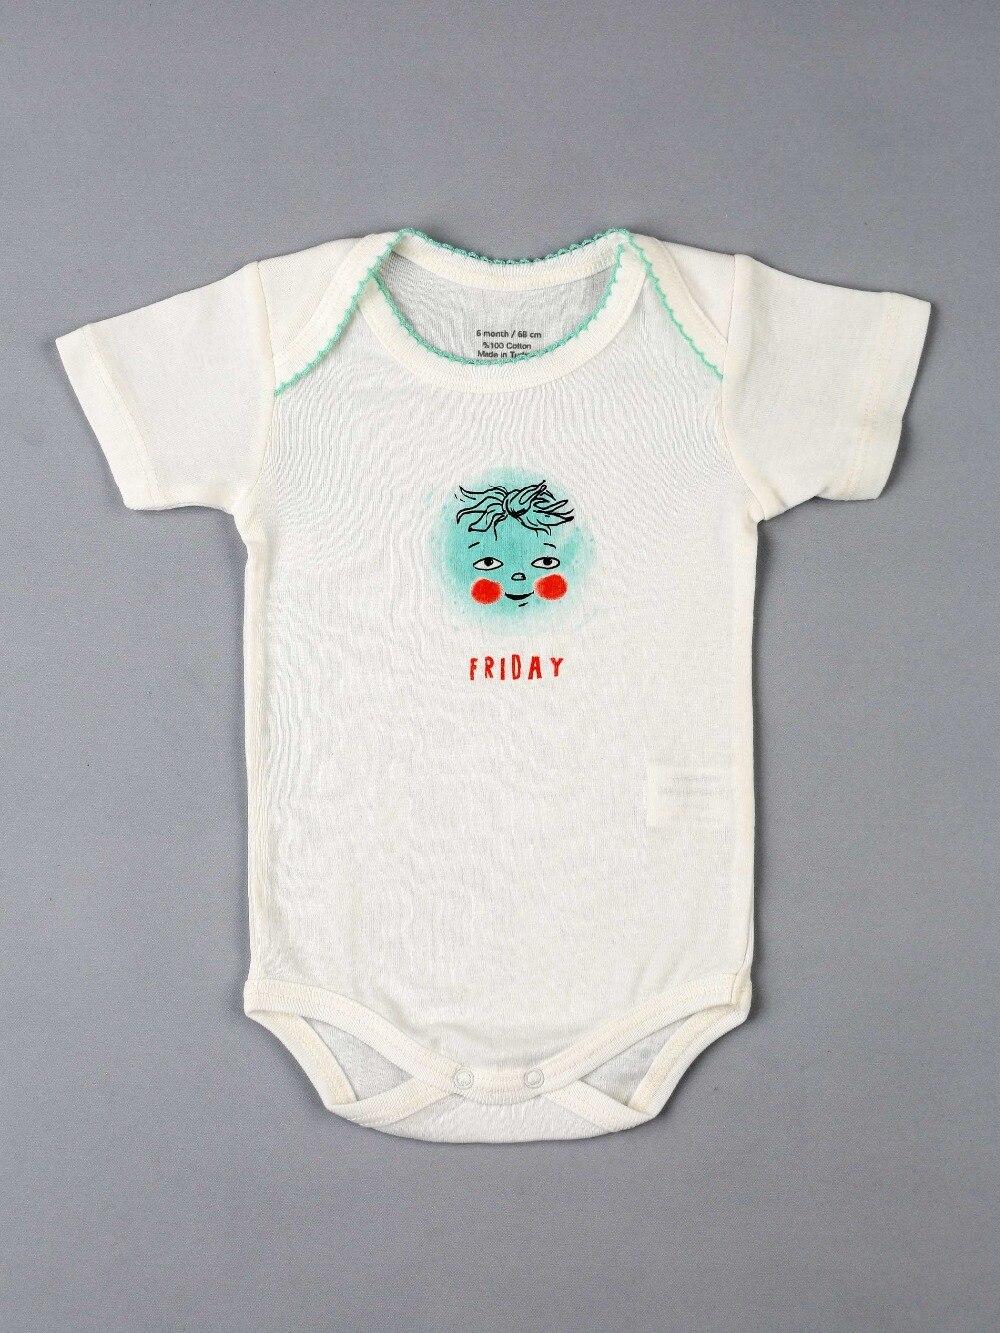 013-013-027 Beyaz Bebek Haftanın 7 Günü Özel Badi  (6)